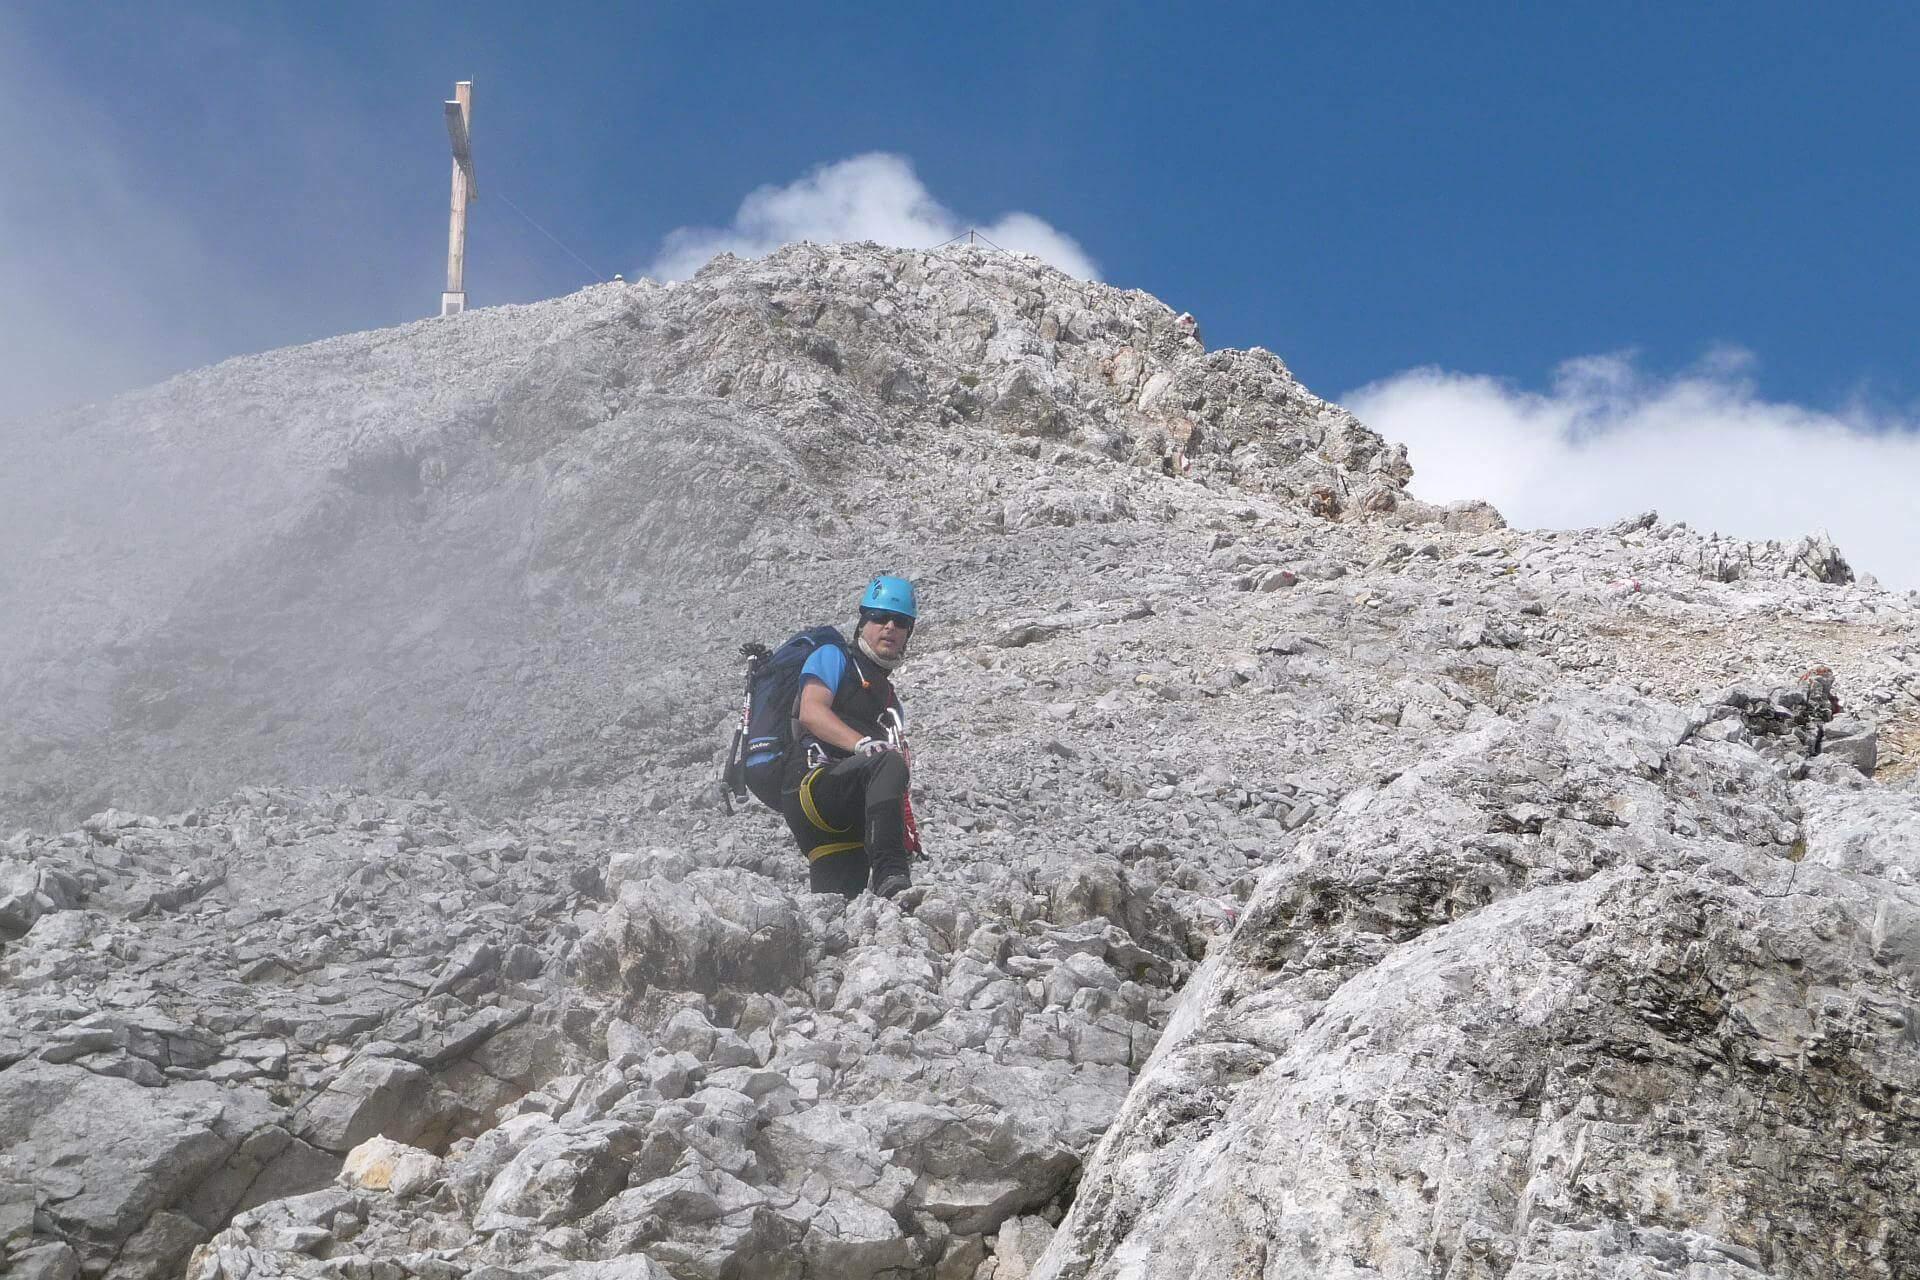 Letzter Anstieg zur Scheichenspitze.